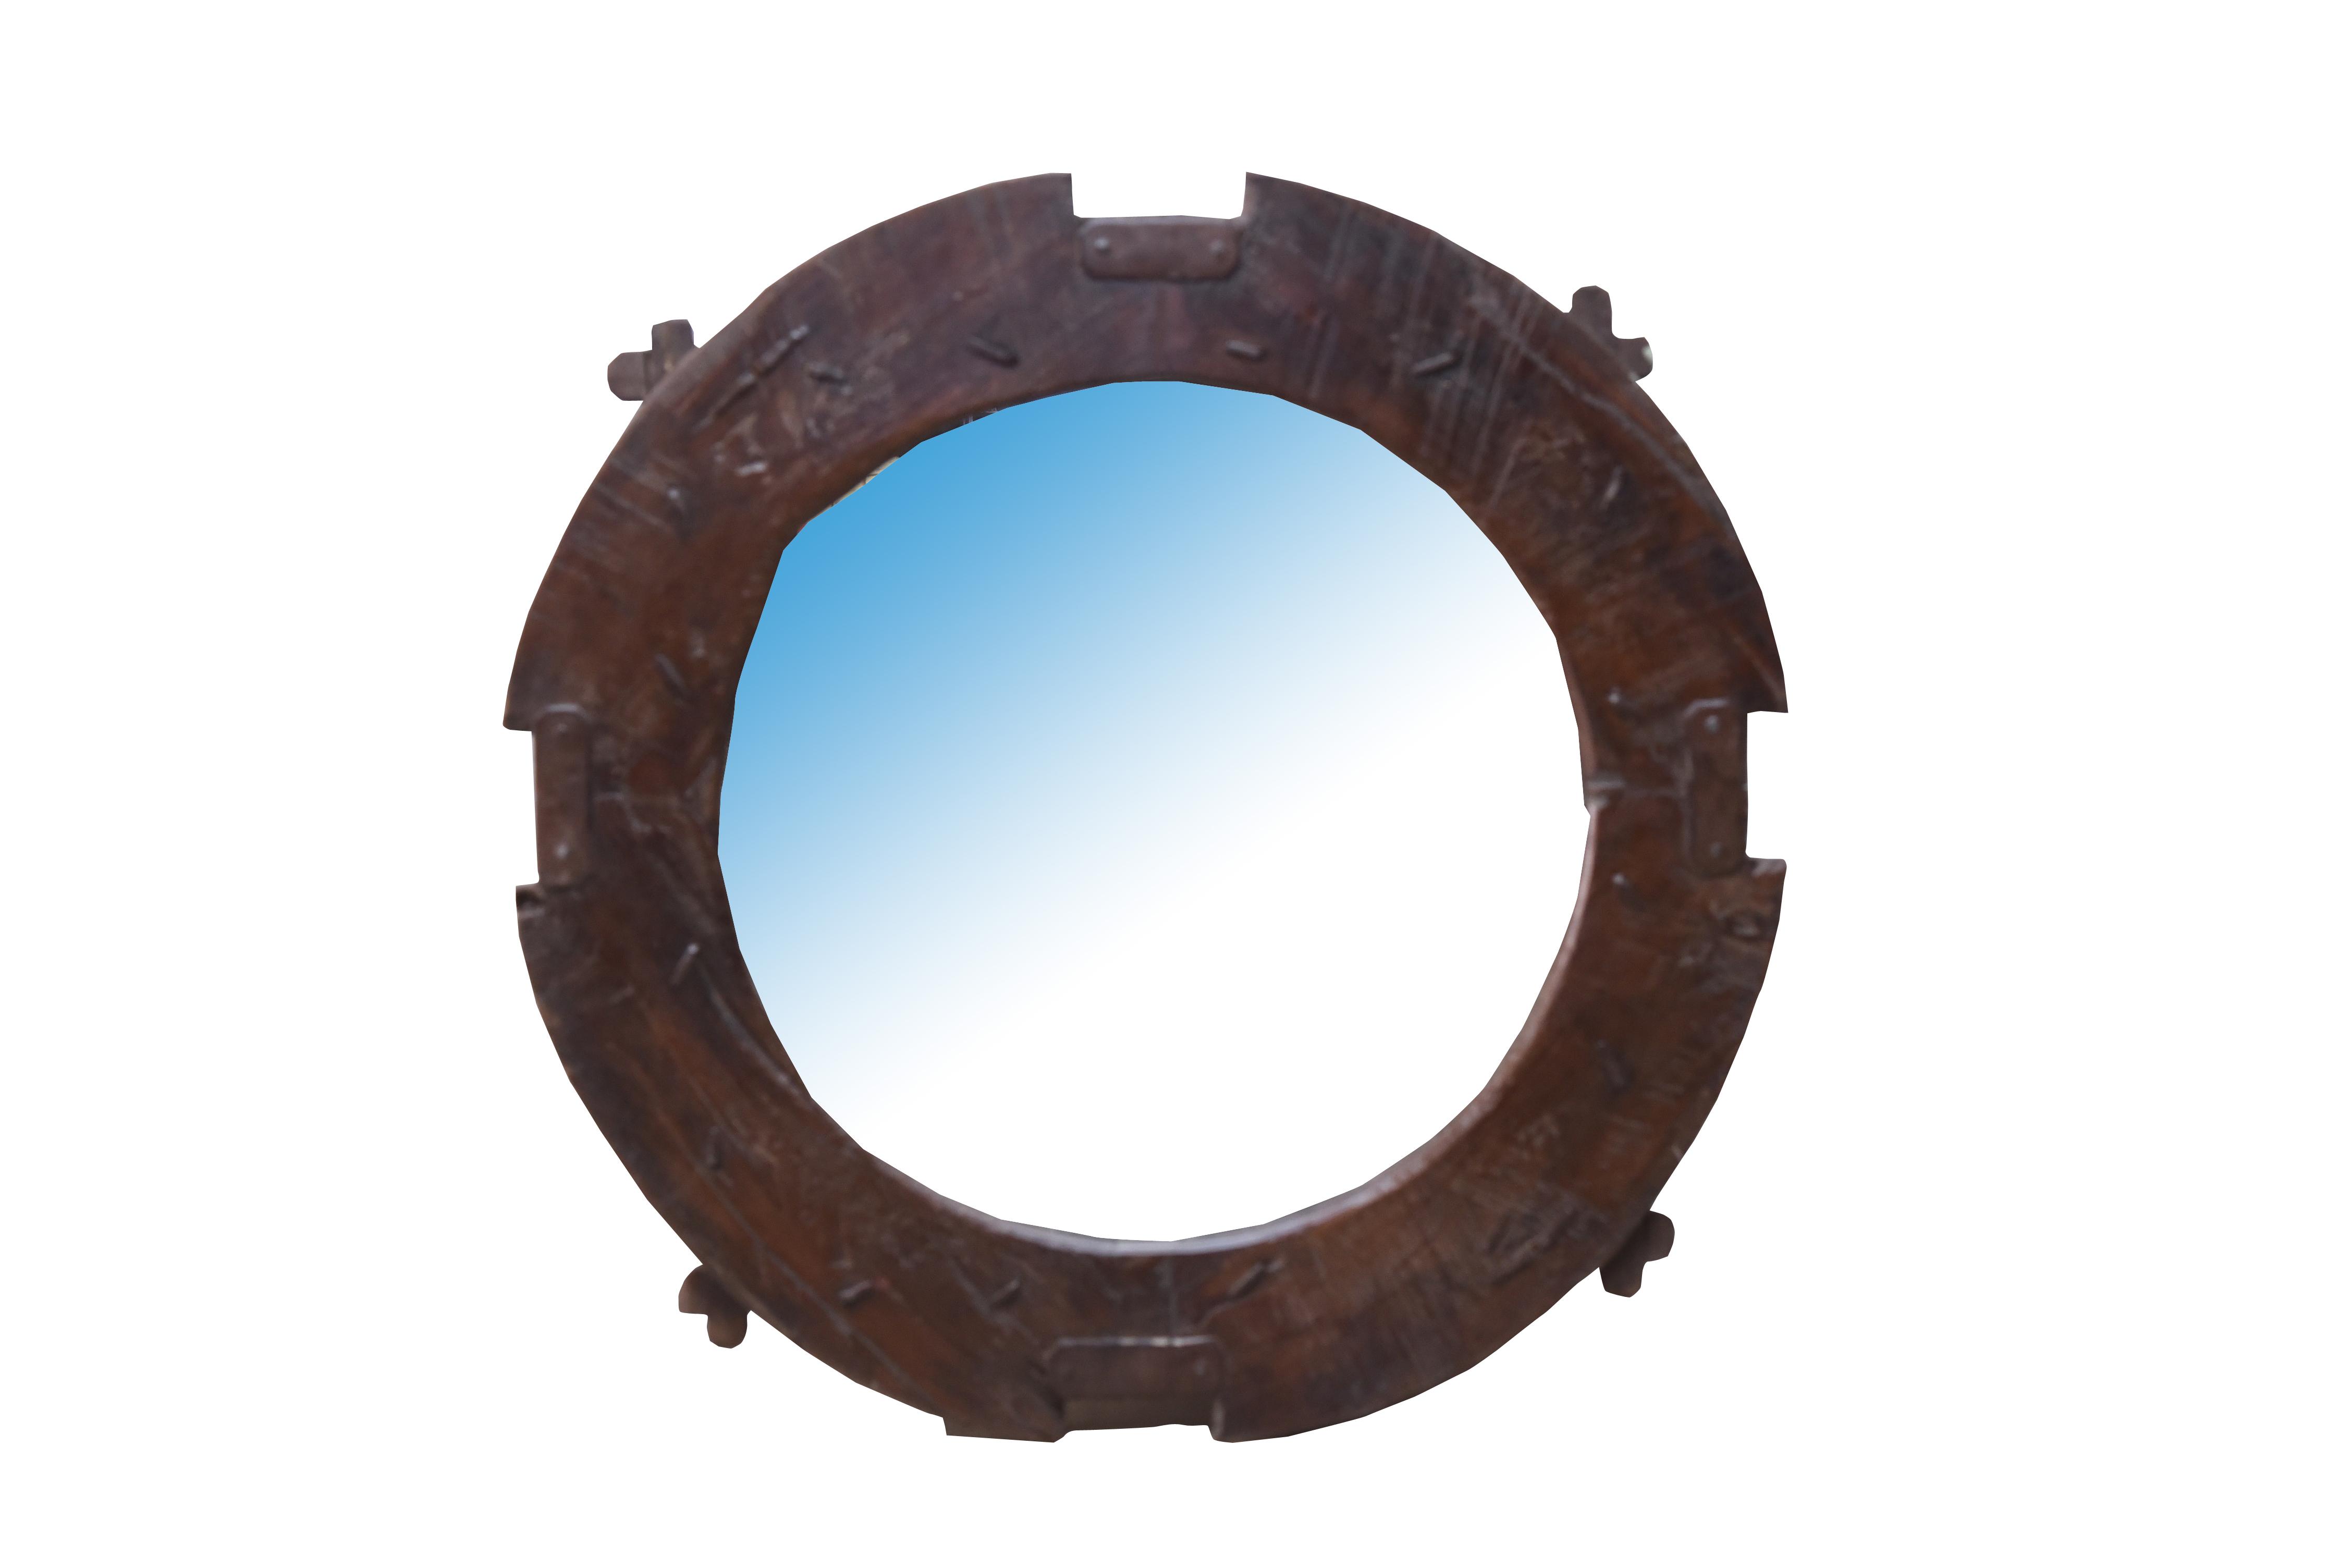 ANJO1857 - 84 x 84 x 5 cm